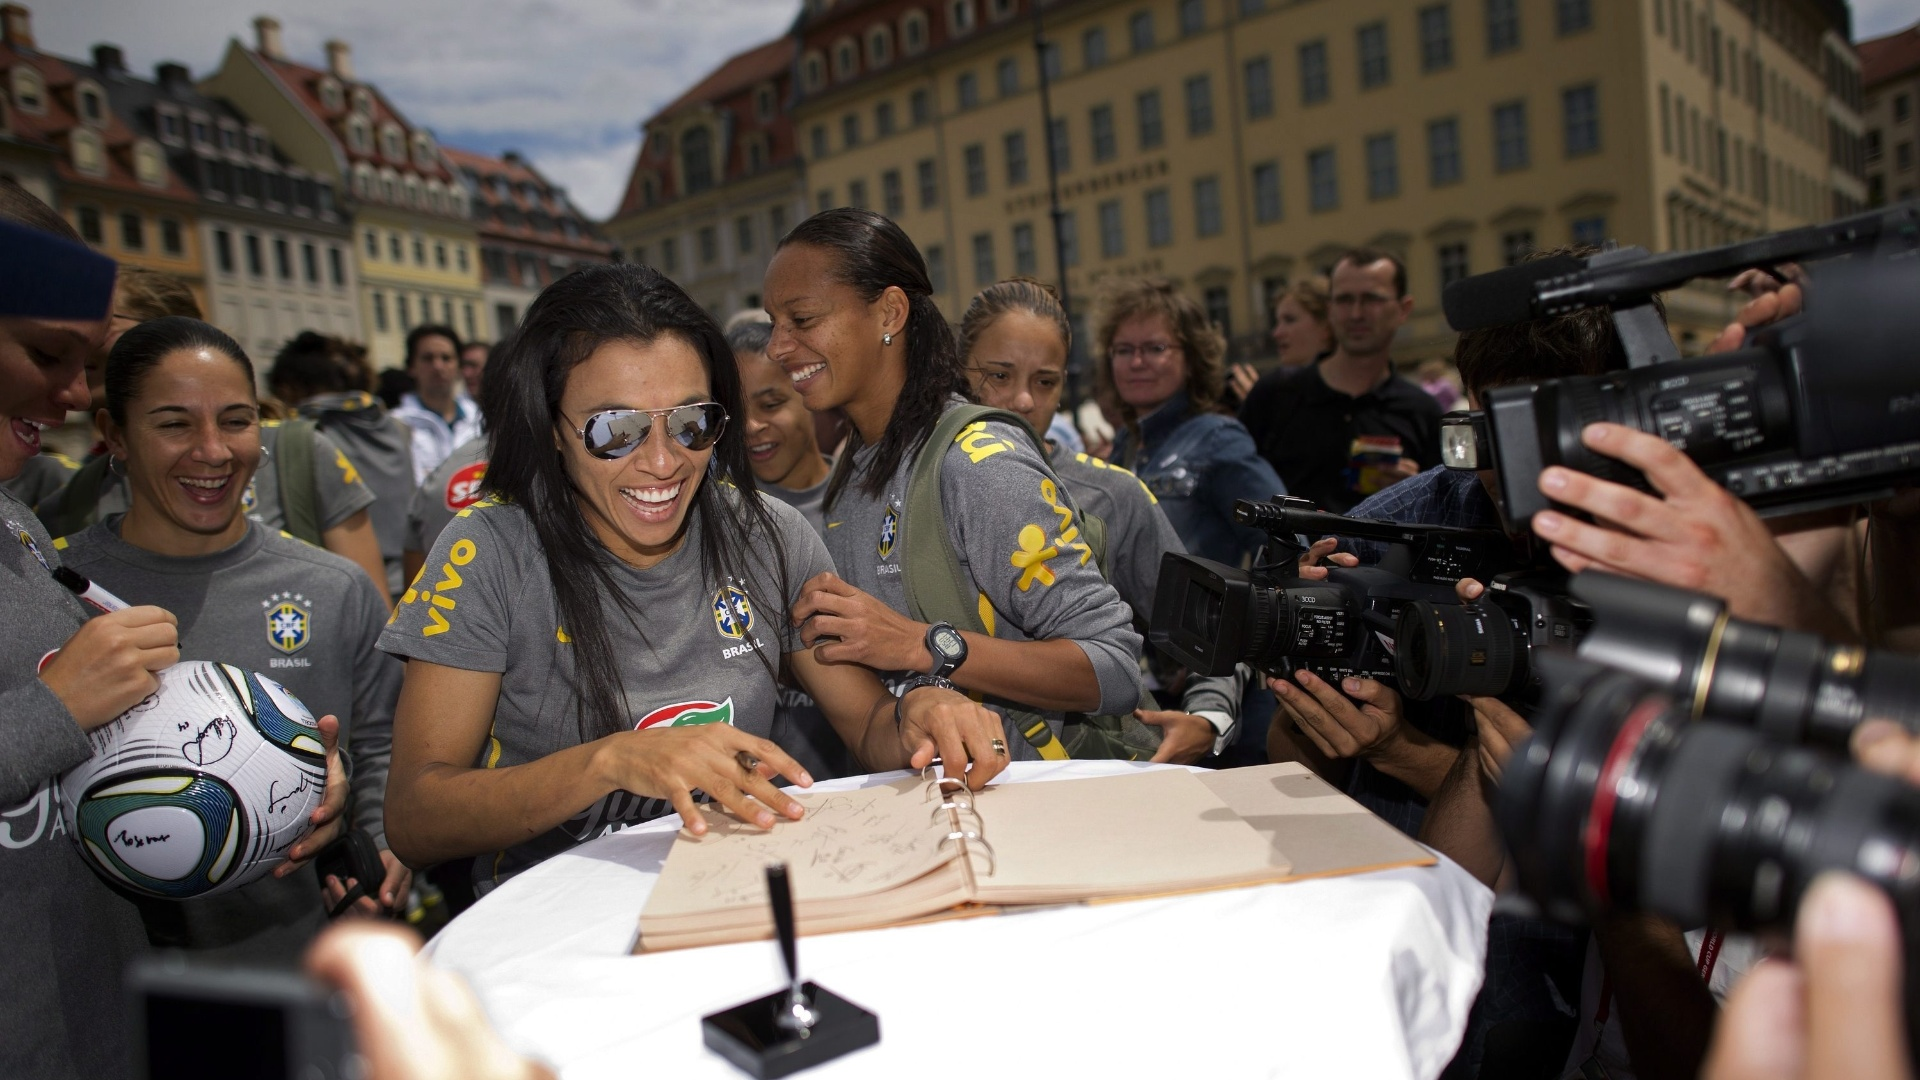 Marta assina livro em frente à catedral de Dresden, onde o Brasil enfrenta os EUA pela Copa feminina (08/07/2011)